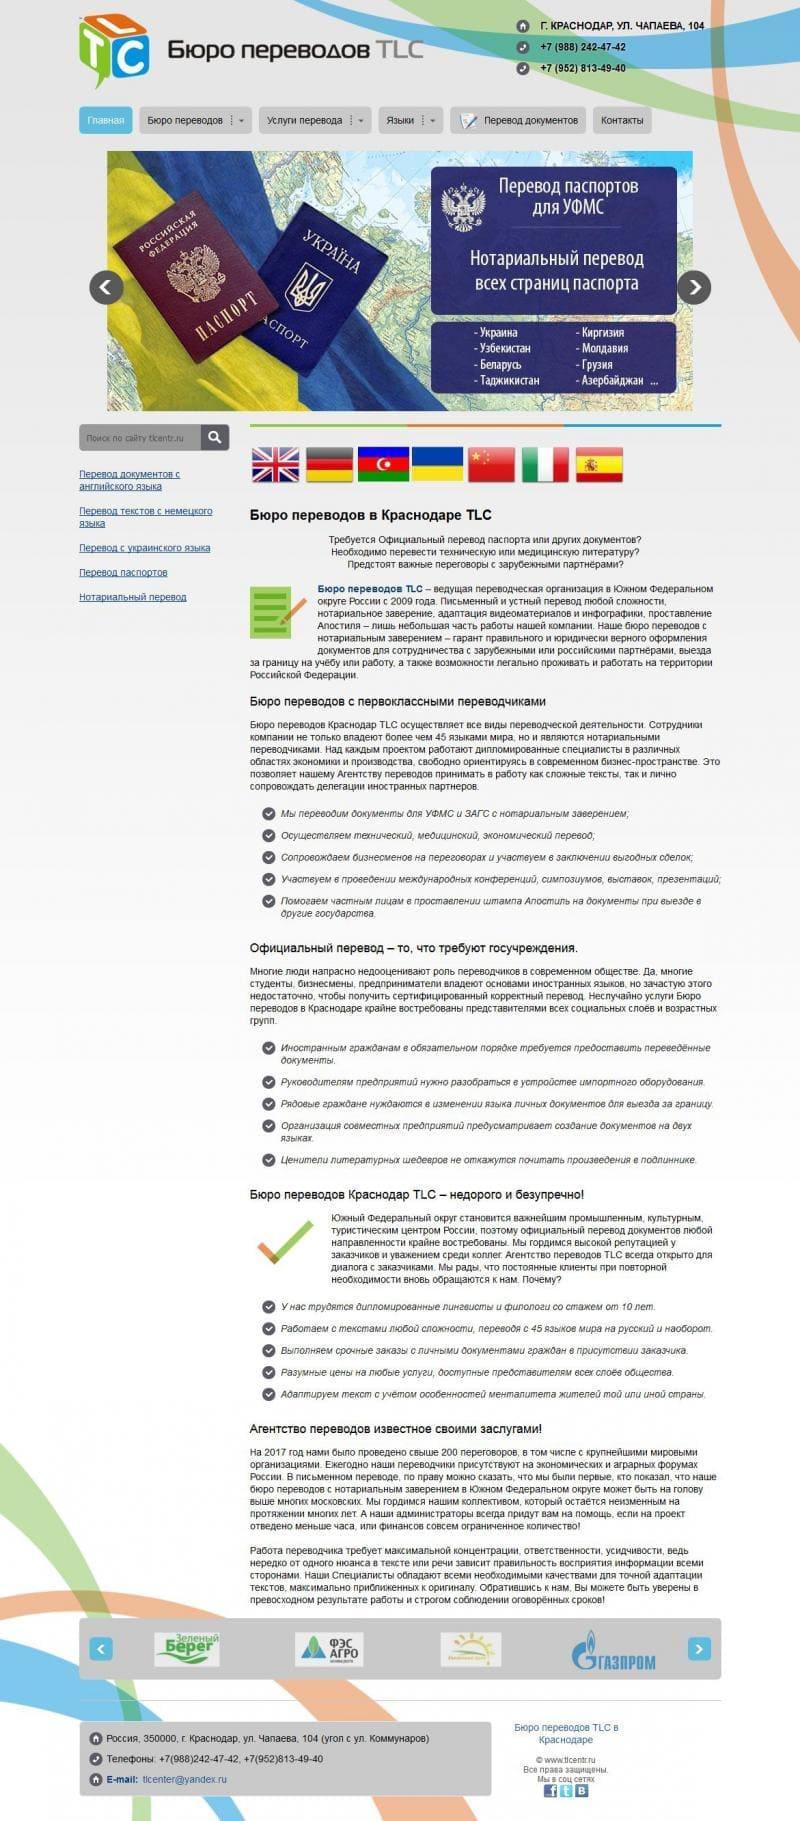 Продвижение сайта бюро переводов продвижение сайта турагентства